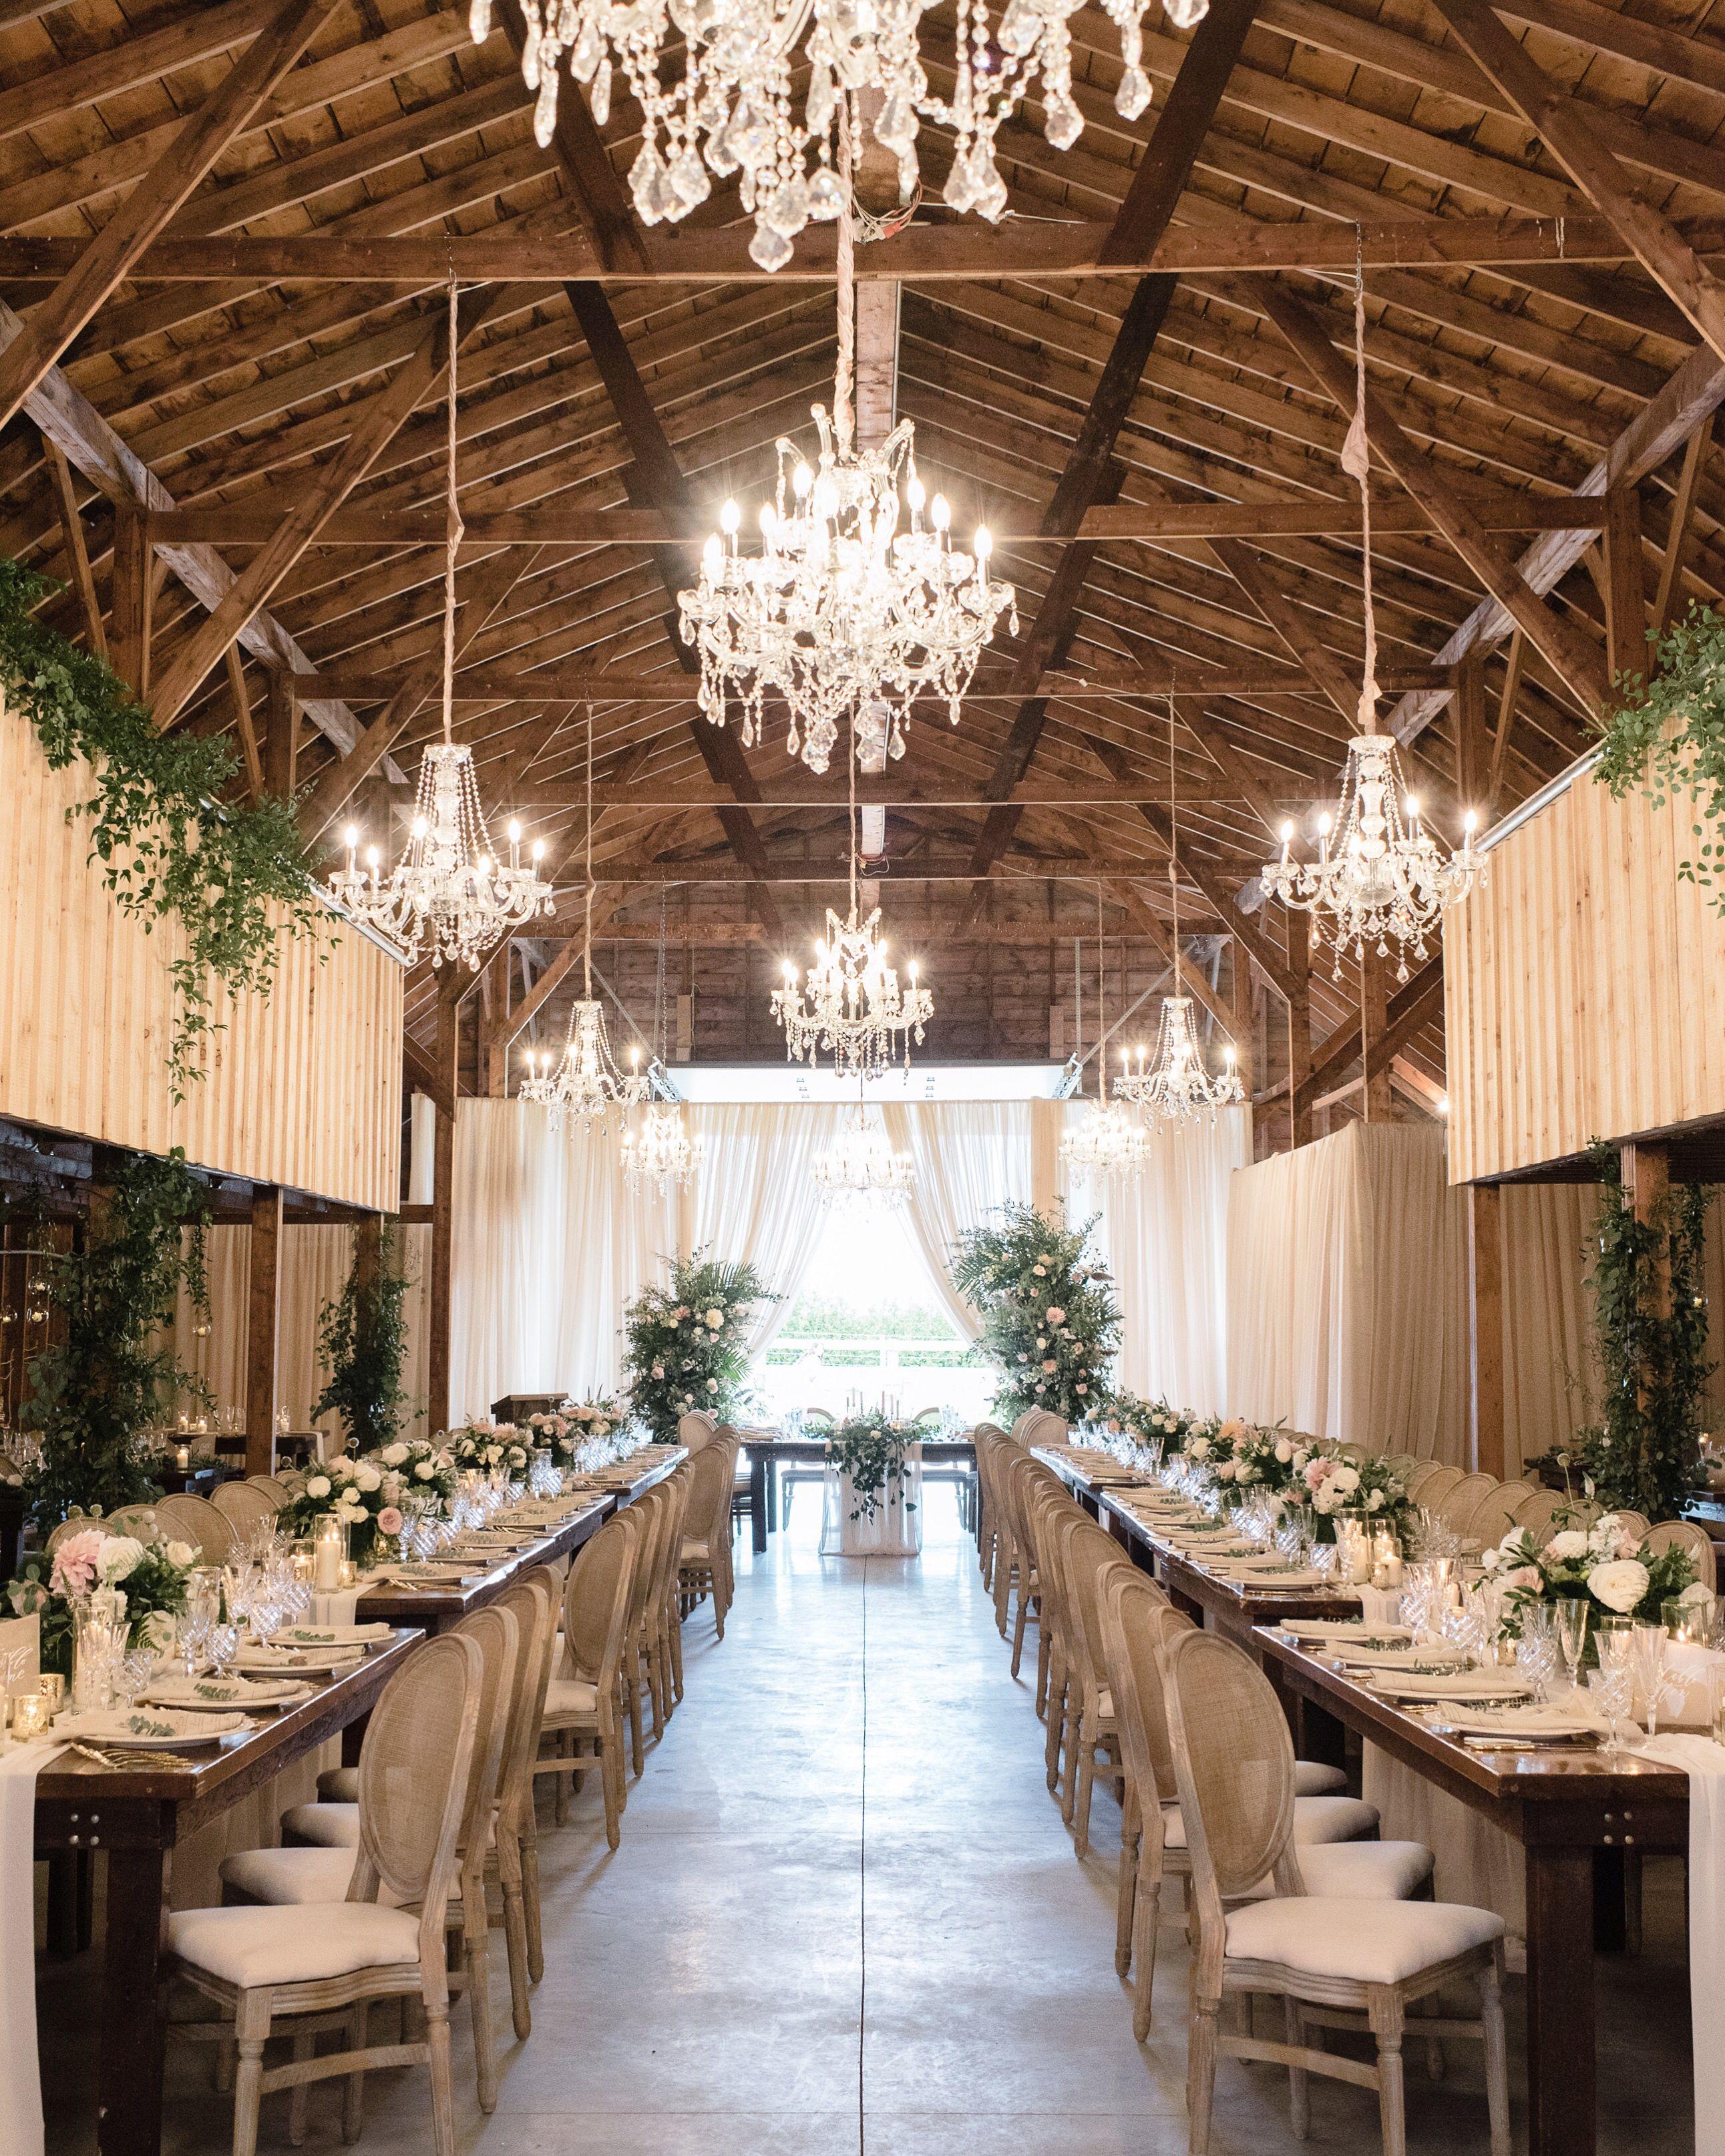 Barn Wedding Reception Decor: Barn Wedding Reception In 2019